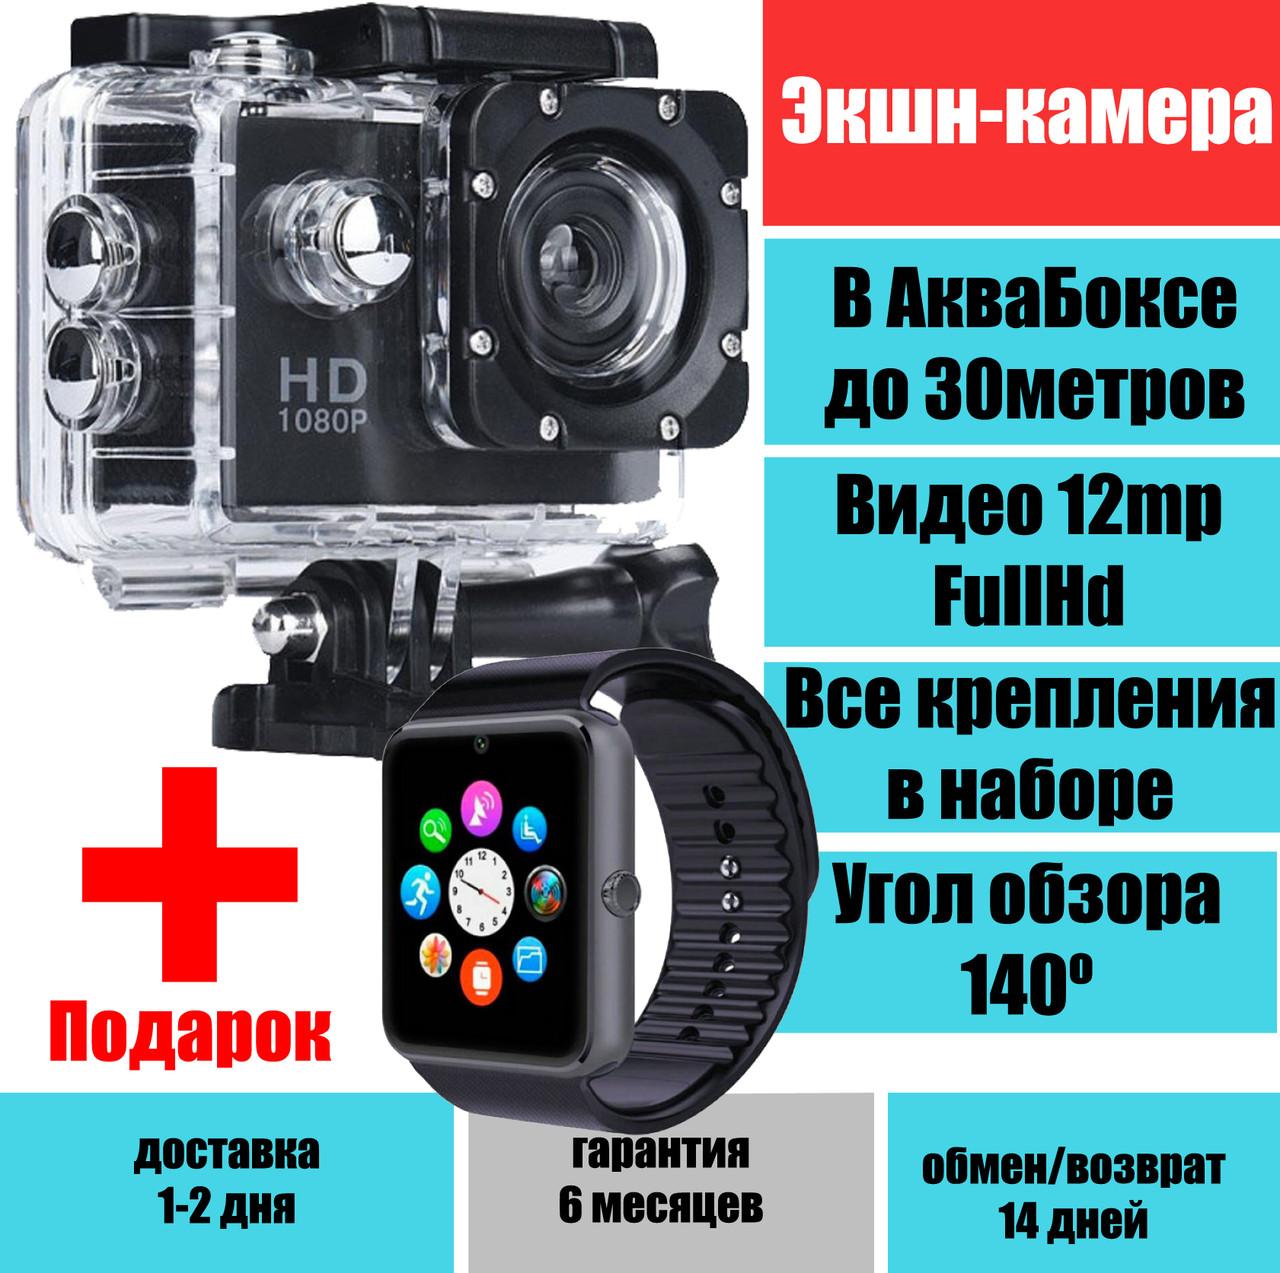 Экшн камера DVR SPORT A7 с аквабоксом, FullHD, 12mp, угол обзора 140 град, видеорегистратор + часы gt08